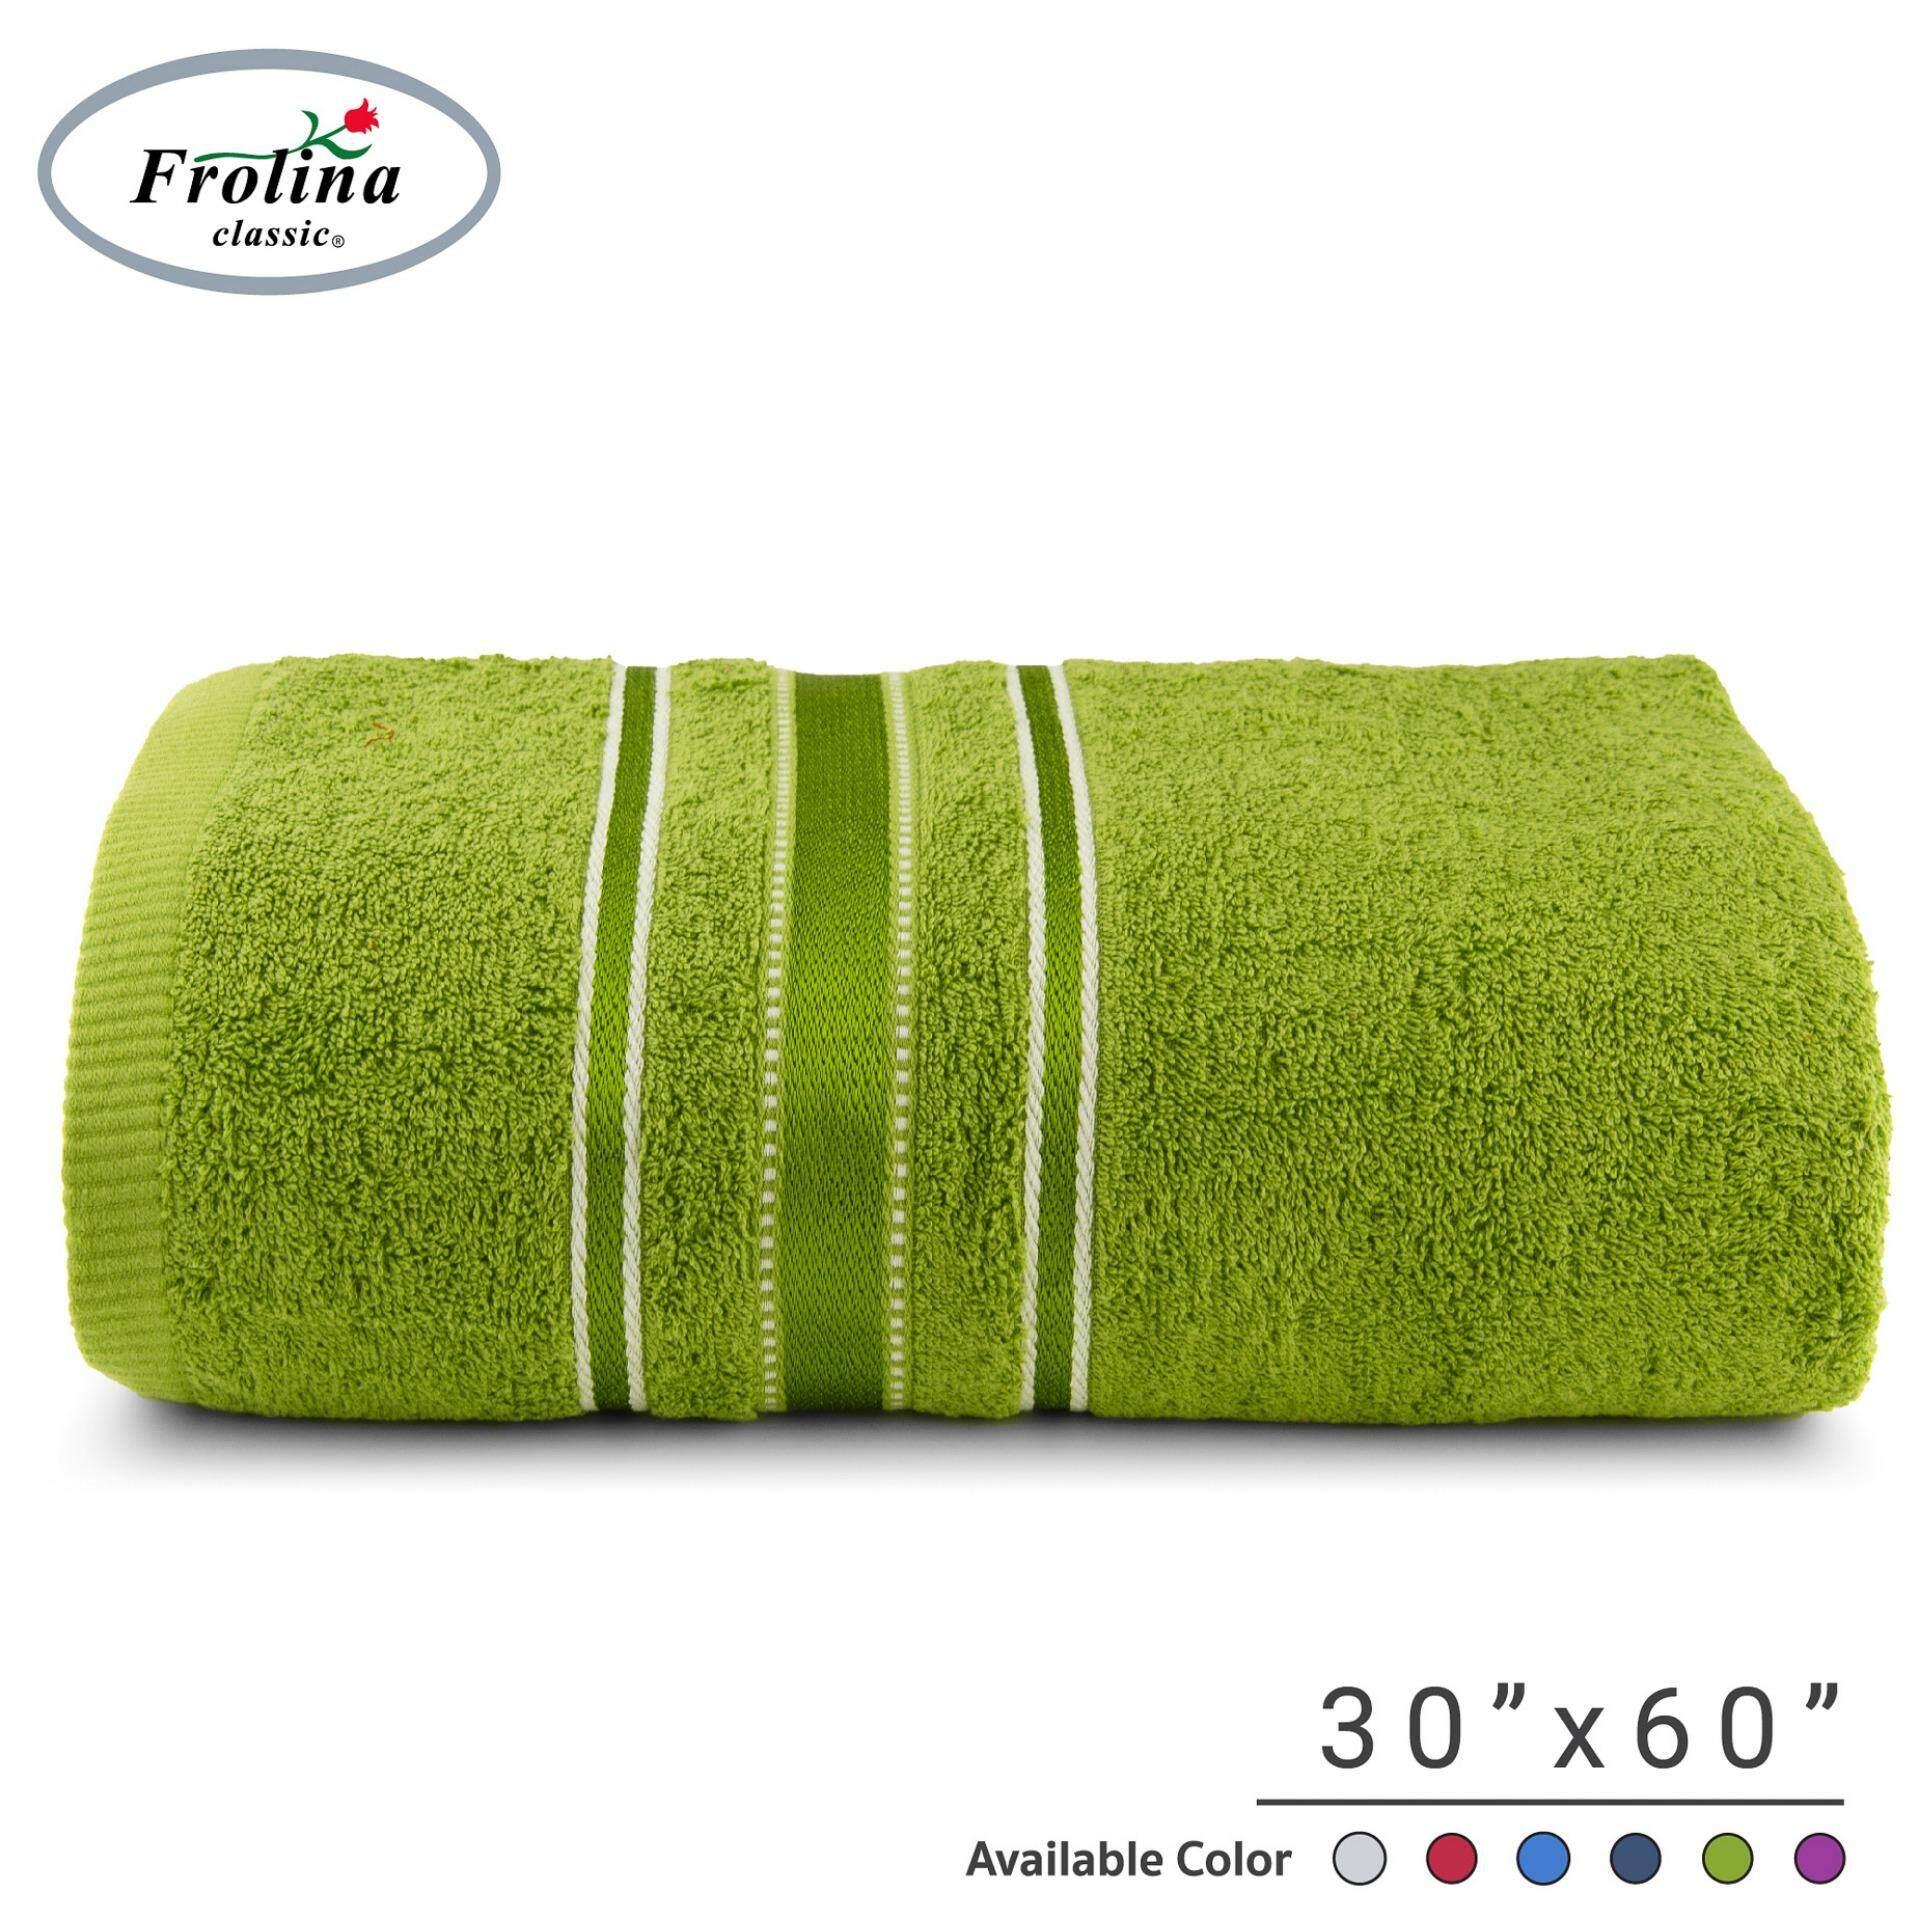 Frolina ผ้าขนหนูเช็ดตัวสำหรับผู้ใหญ่ ขนาดใหญ่ 30x60 นิ้ว ดีไซน์ Solid03 - มี 6 สี By Frolina.